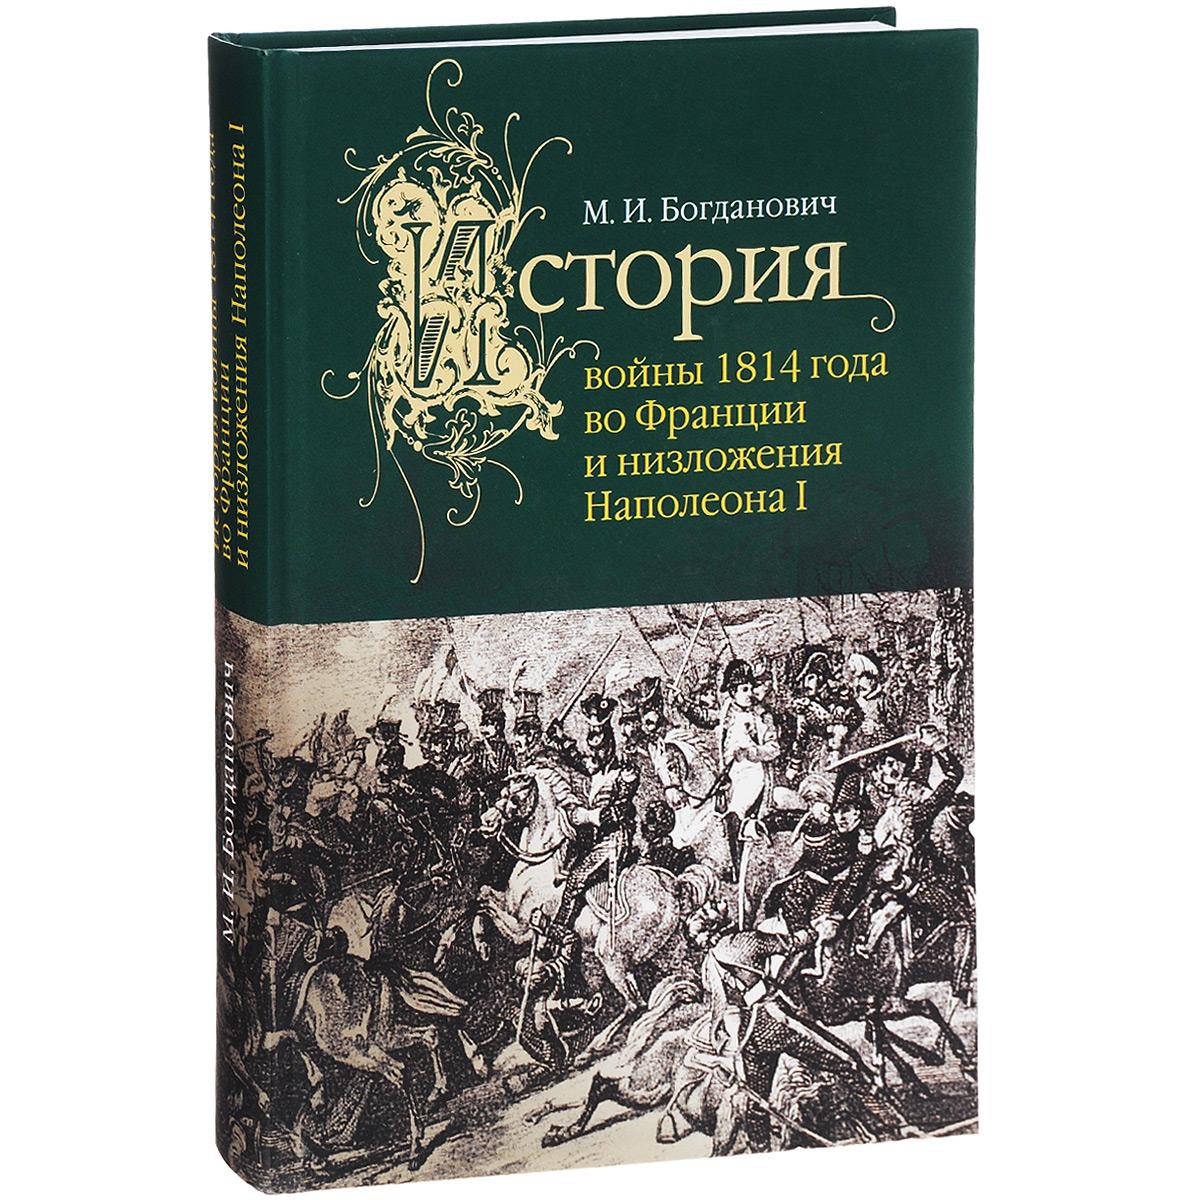 М. И. Богданович История войны 1814 г. во Франции и низложения Наполеона I